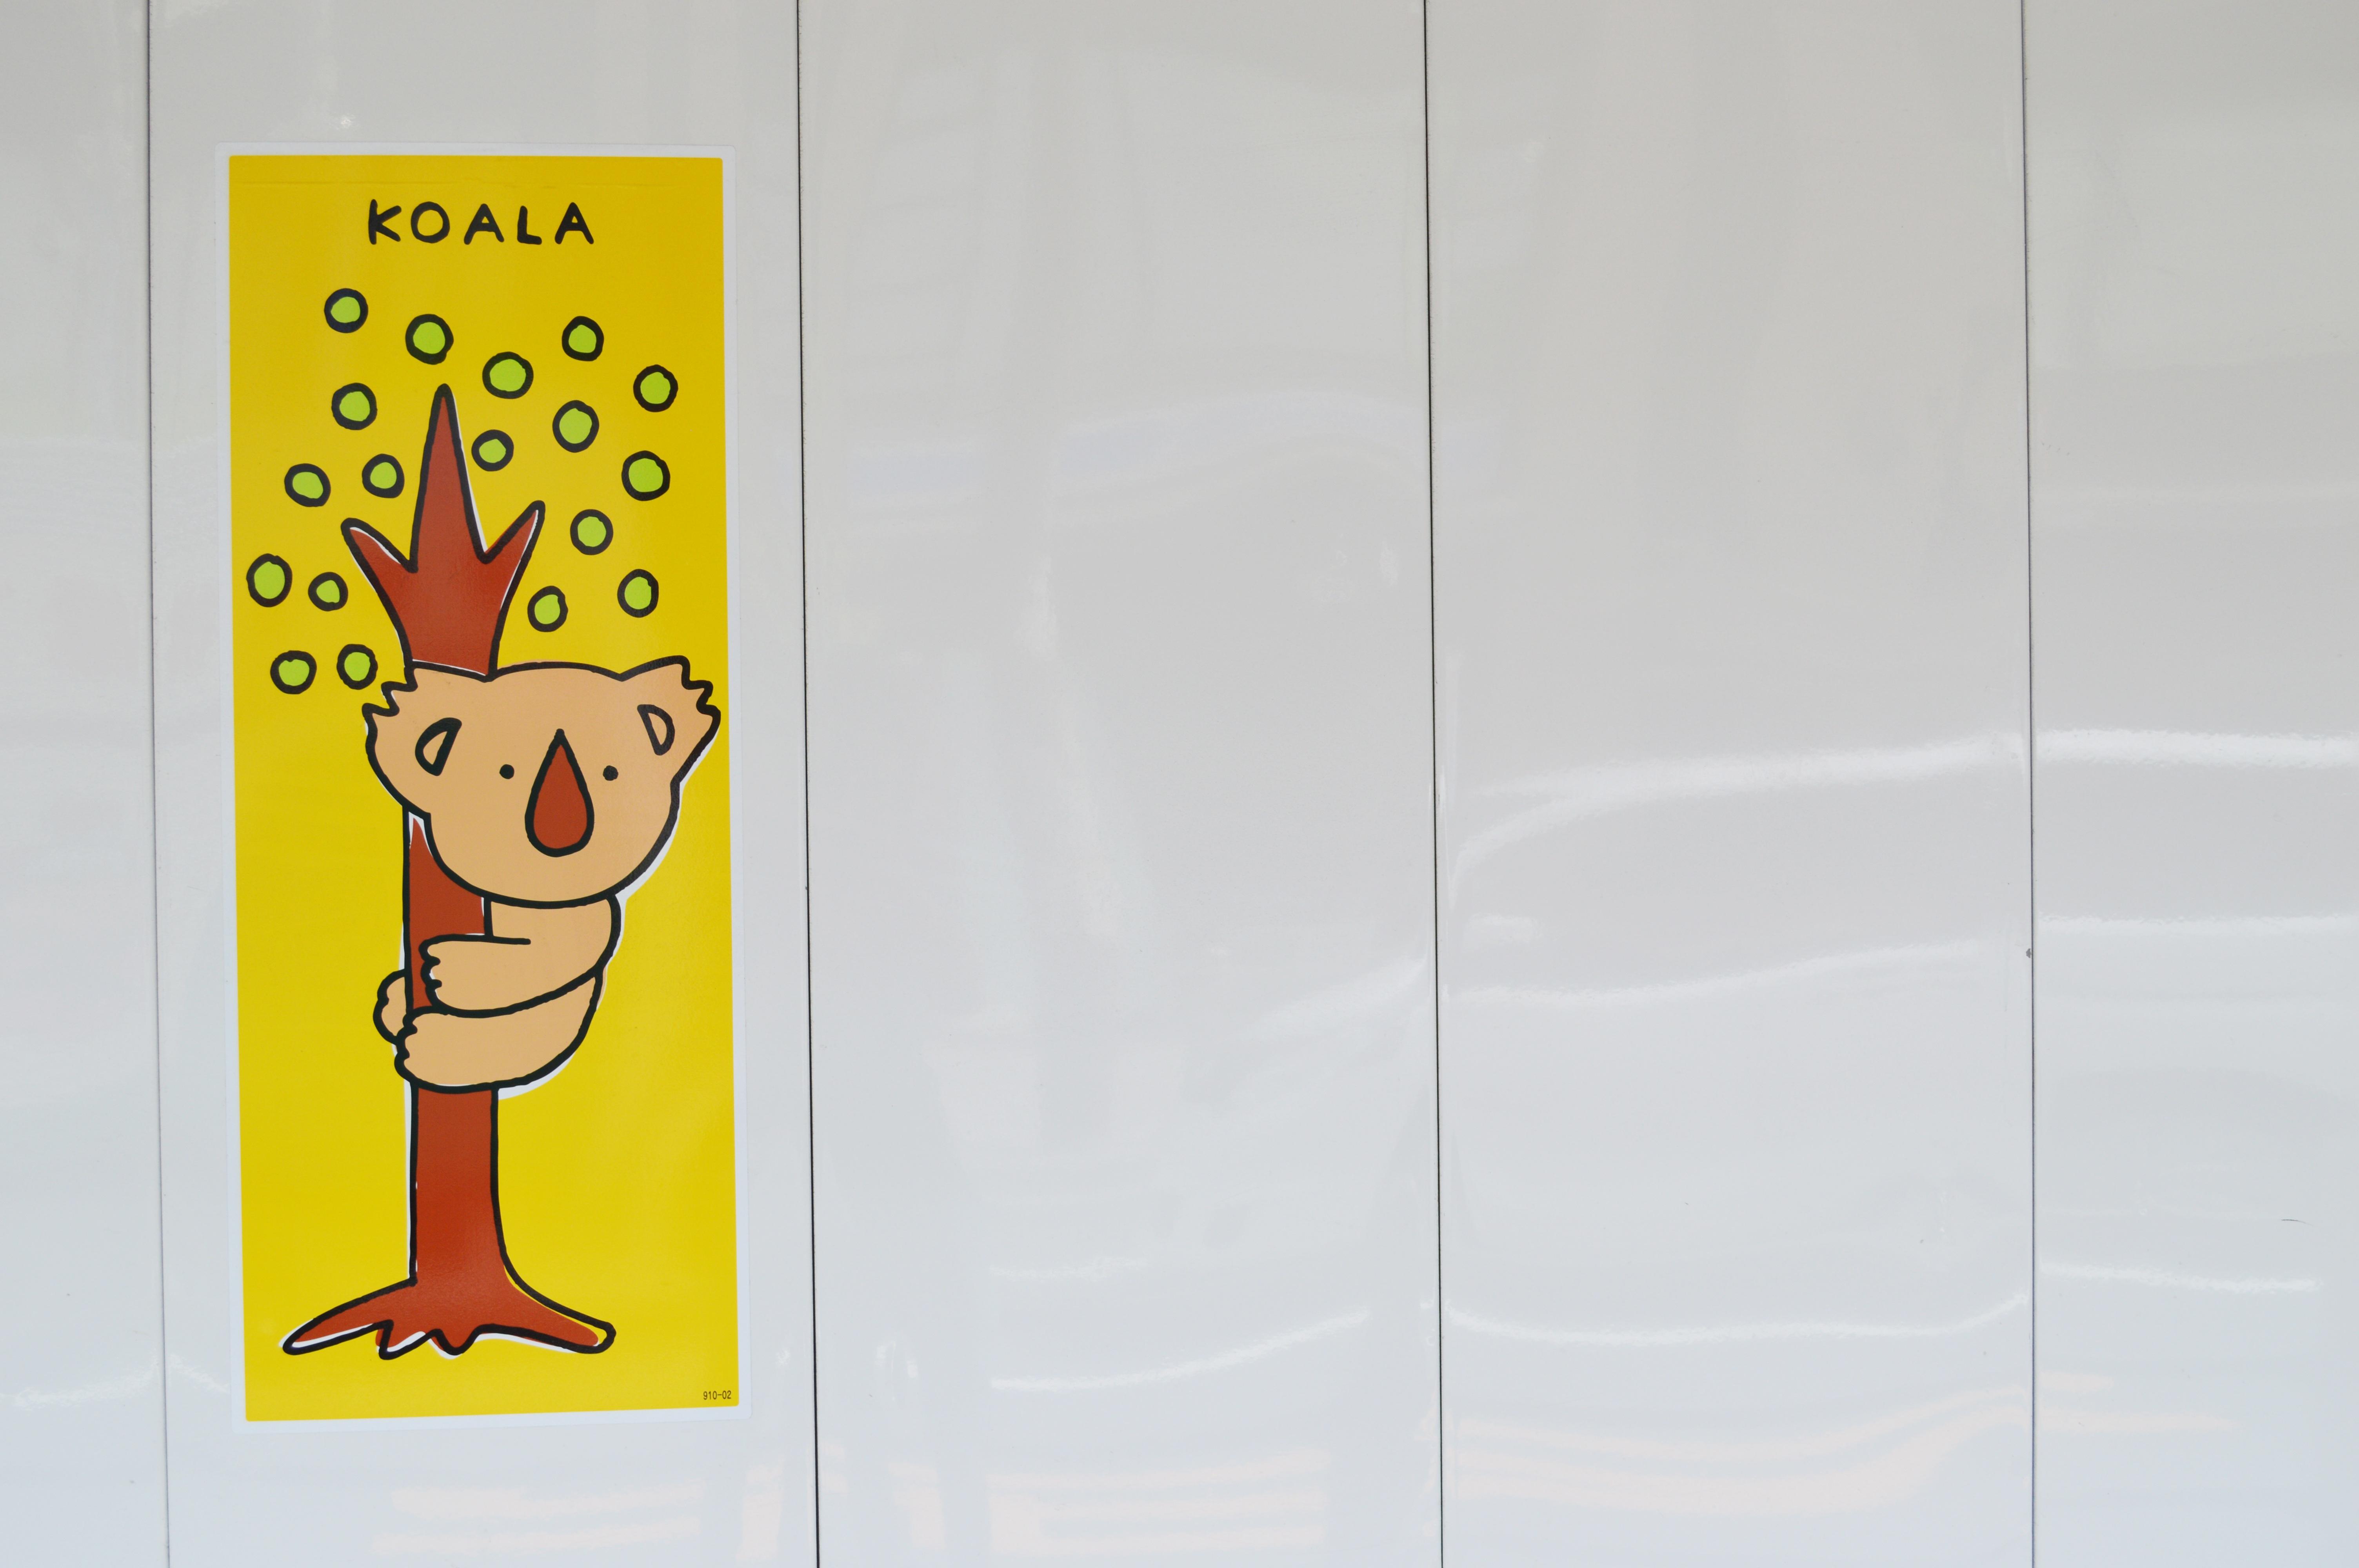 Gambar Dinding Iklan Spanduk Kuning Stiker Merek Produk